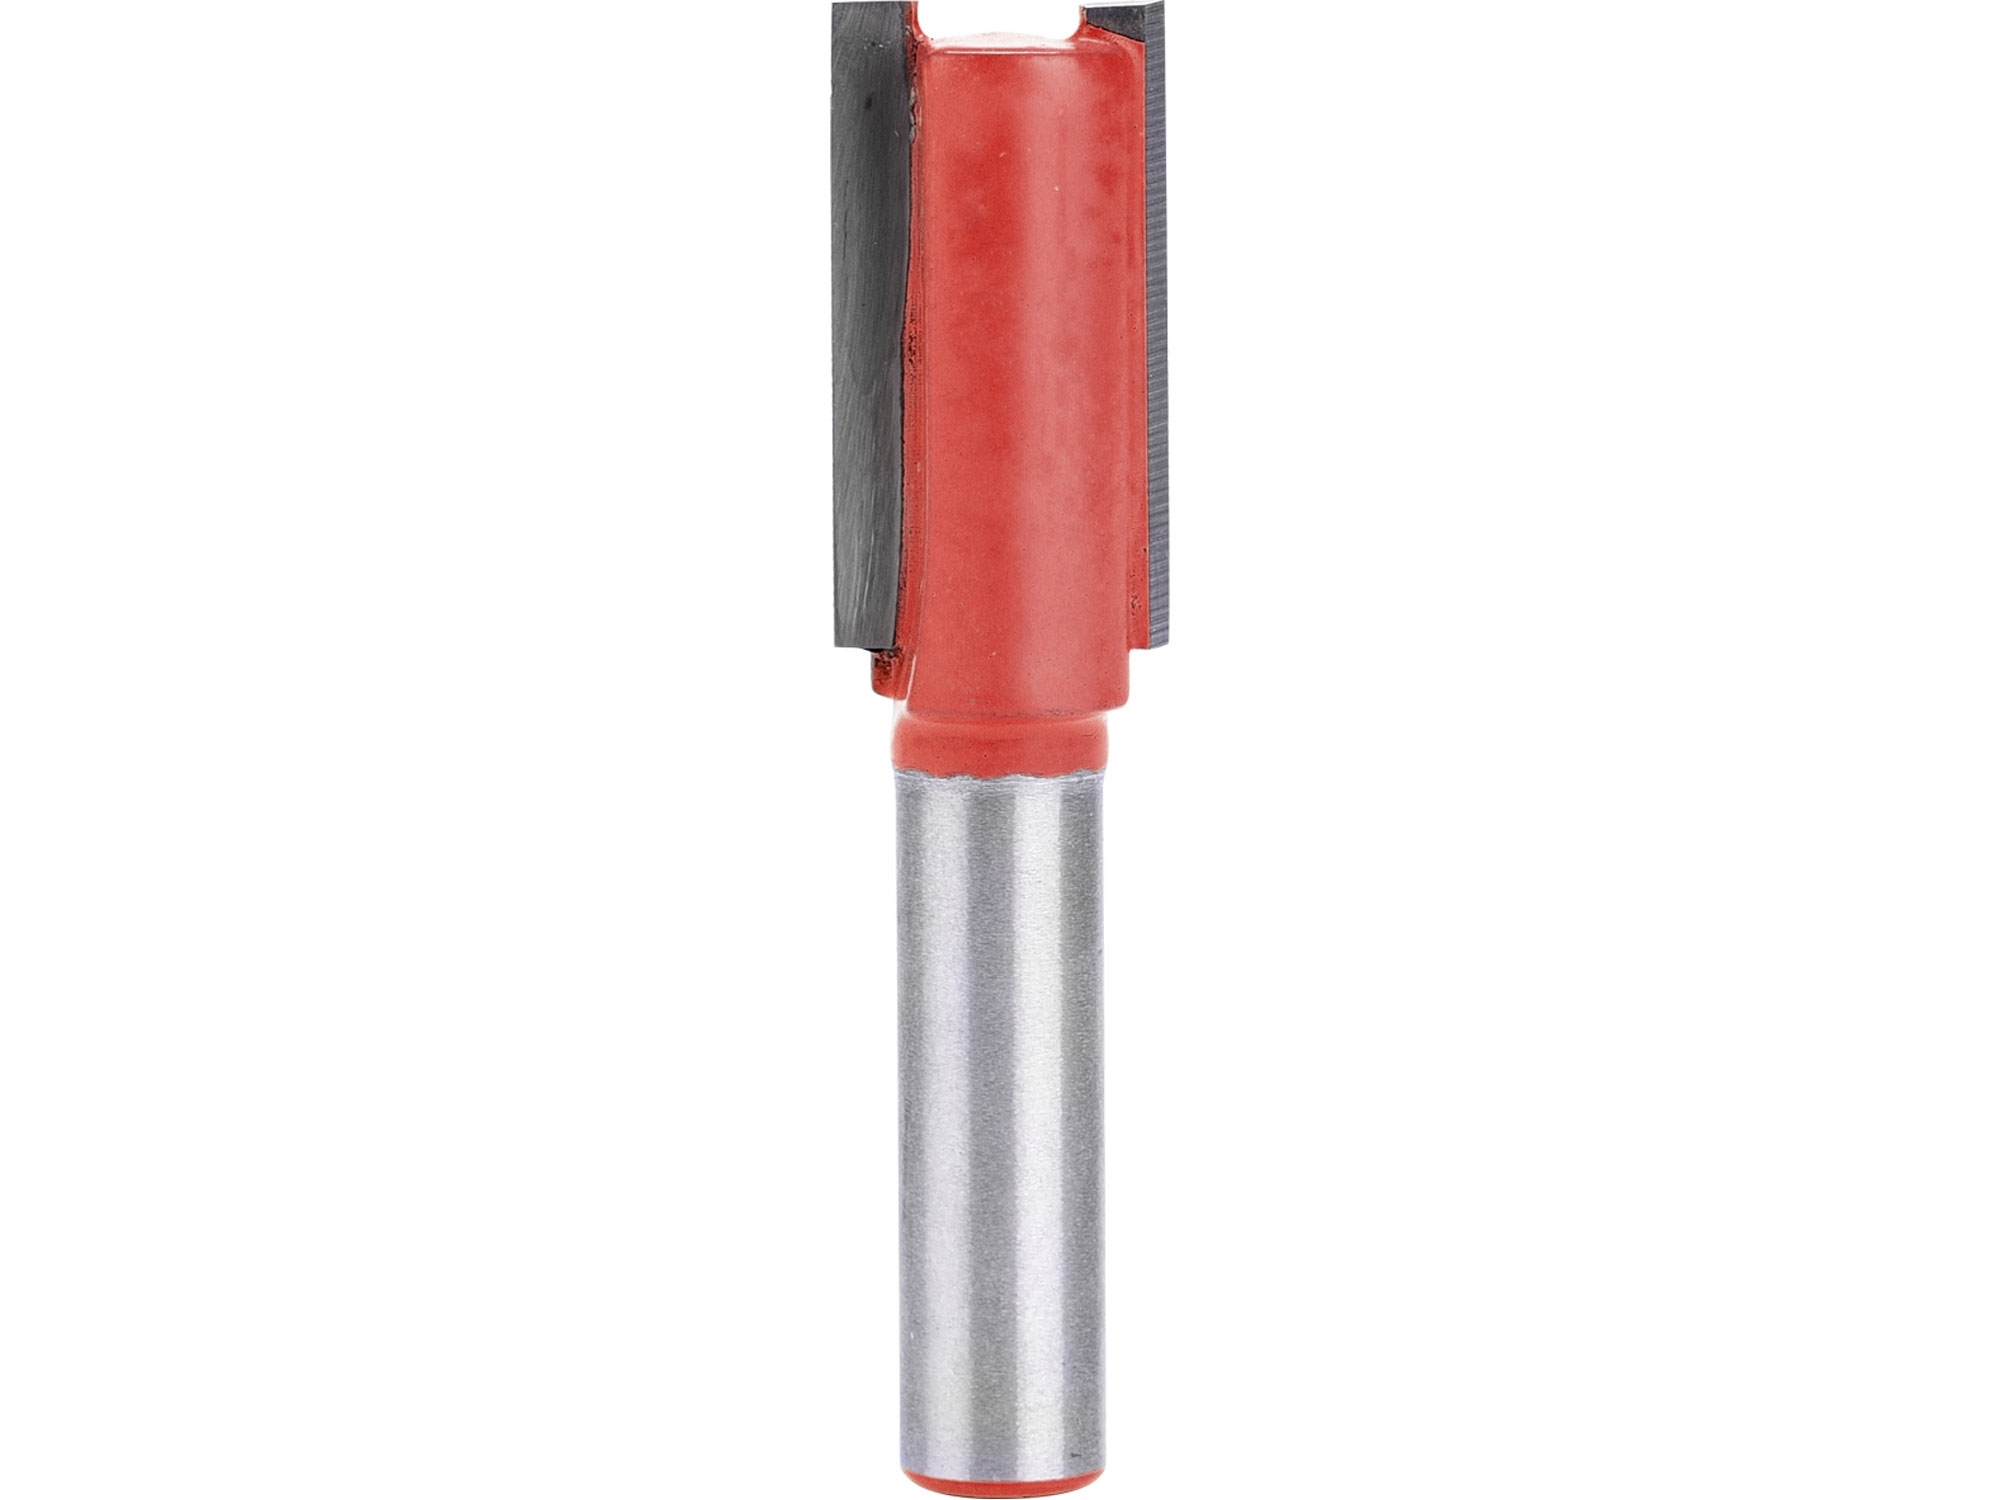 fréza drážkovací do dřeva, D19xH25, stopka 8mm